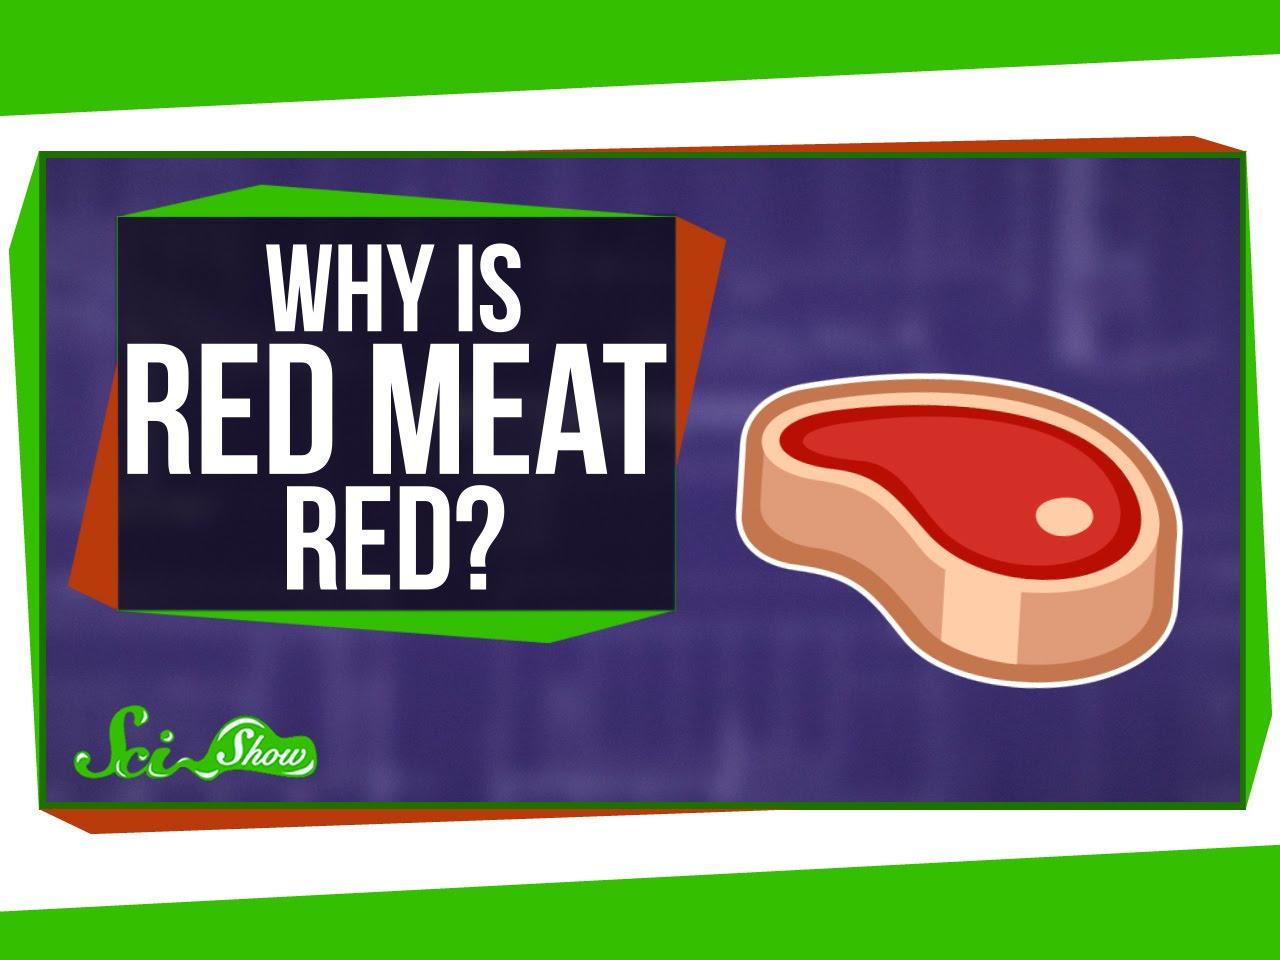 「科學大哉問:為什麼紅肉是紅的?」- Why Is Red Meat...Red?